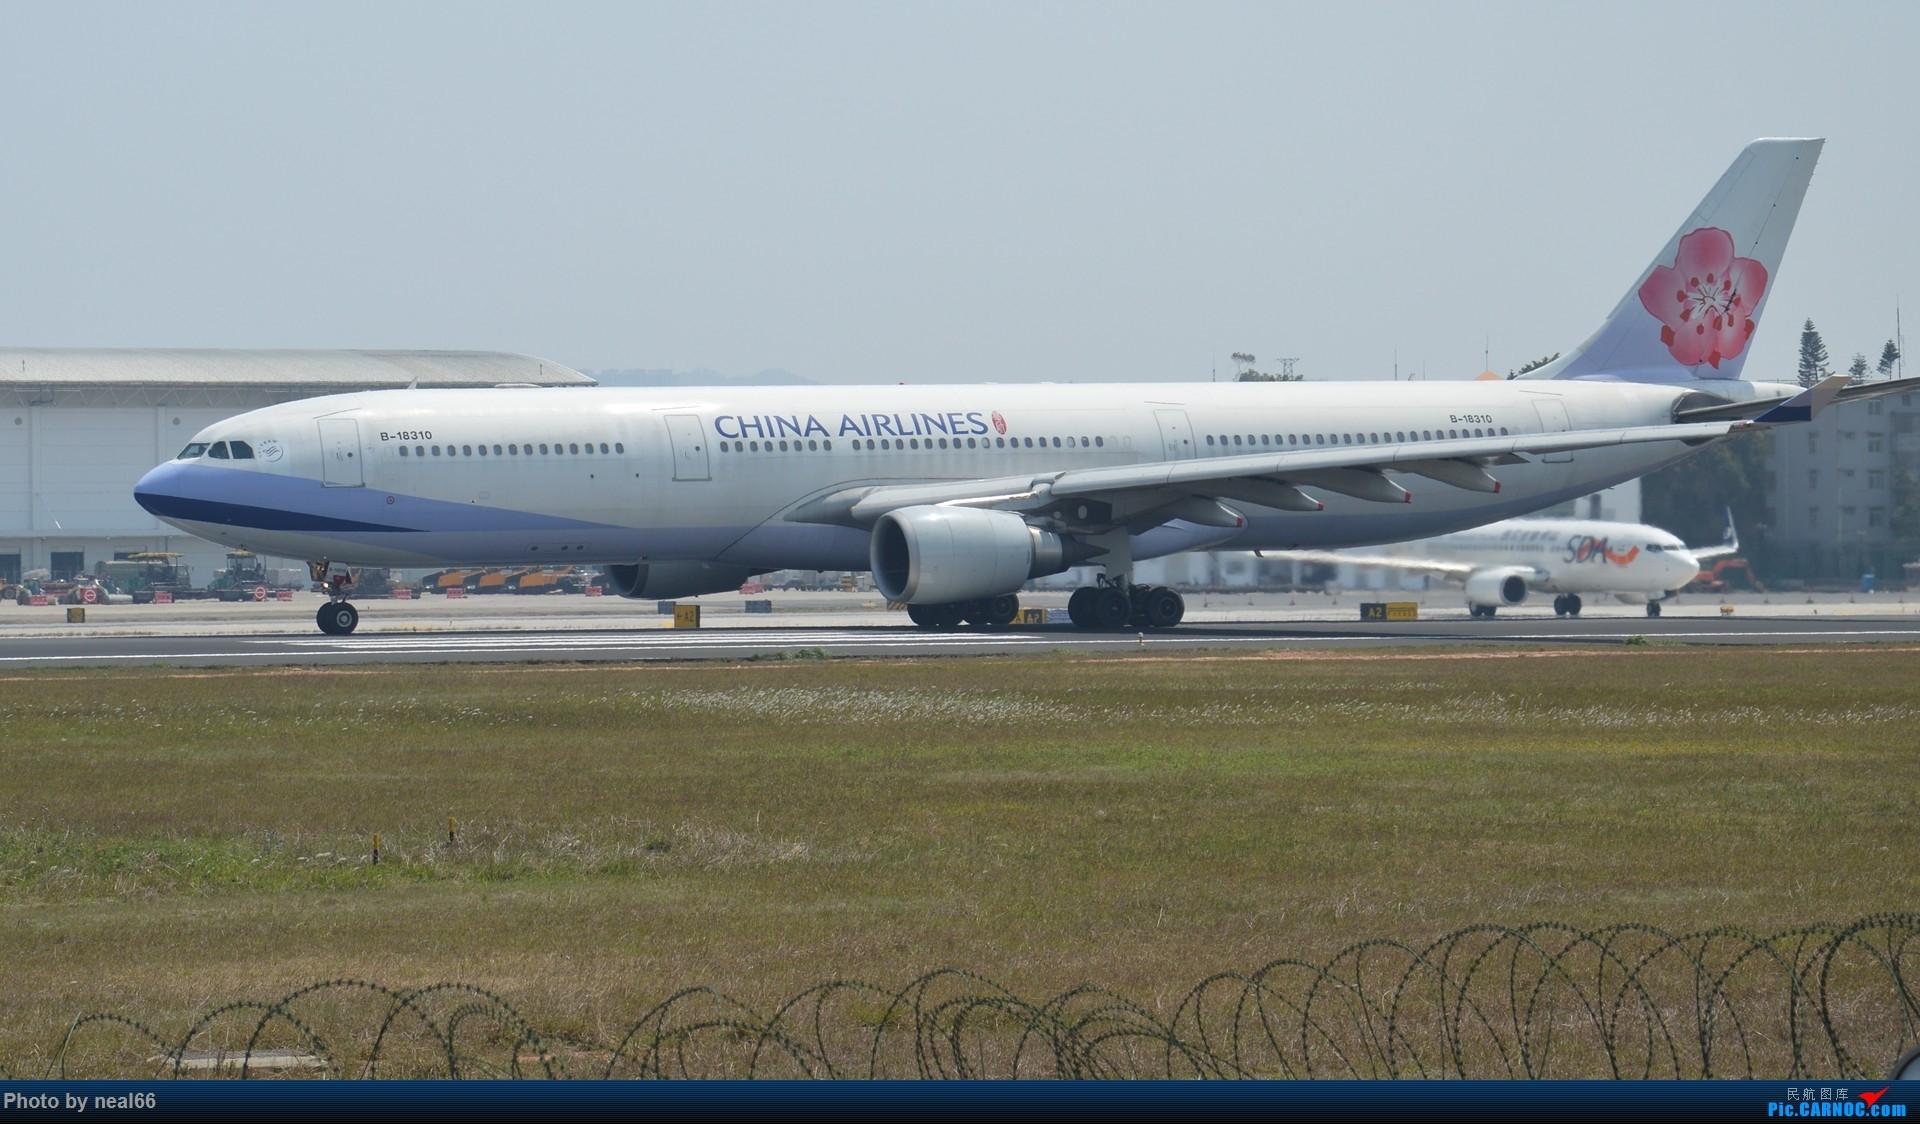 Re:[原创]厦门机场的较大飞机 AIRBUS A330-300 B-18310 中国厦门高崎国际机场